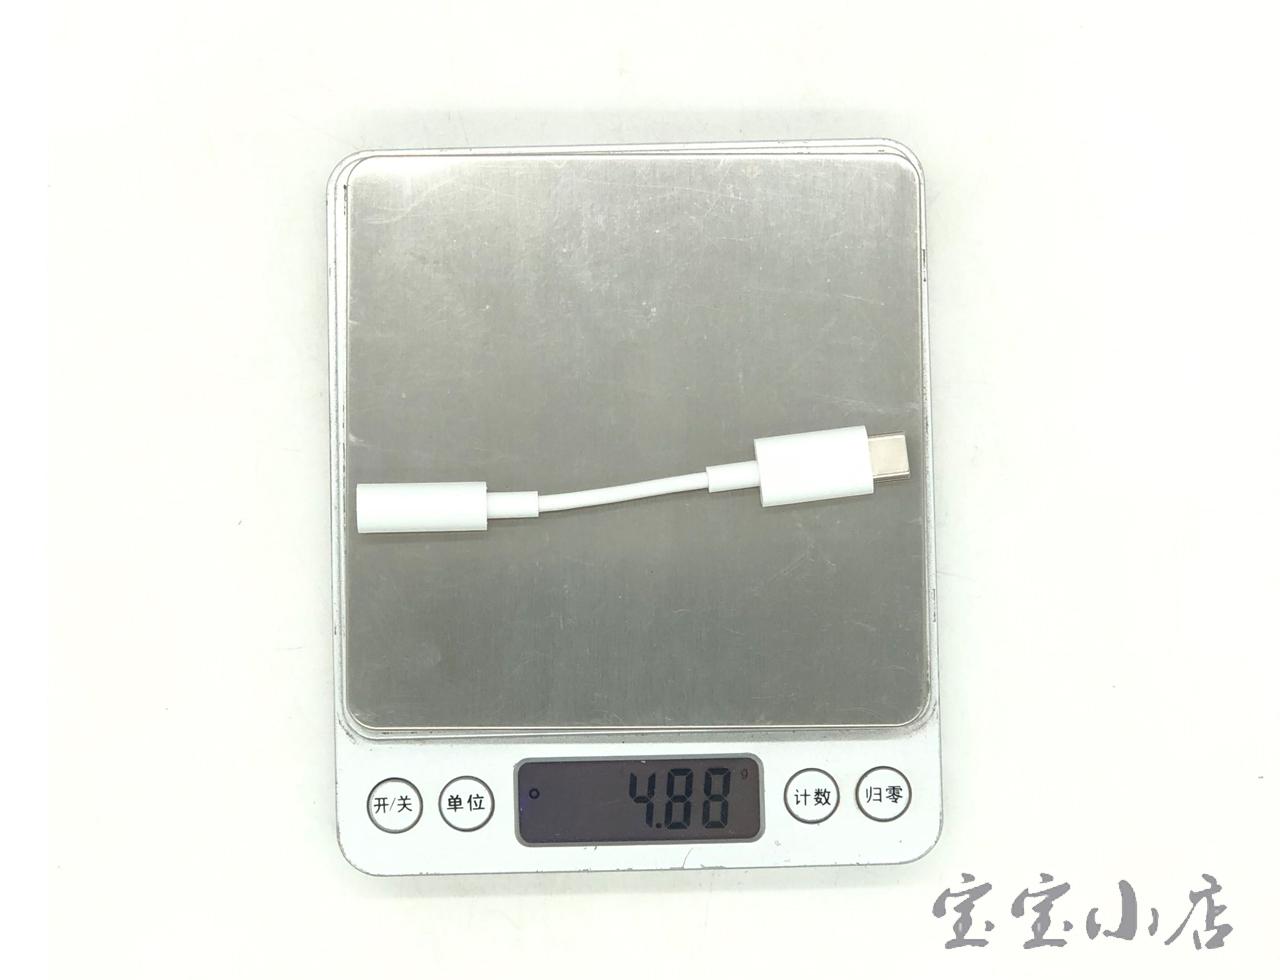 谷歌type-c转3.5mm耳机适配器转接线转换头USB-C DAC声卡数字解码CX21986芯片